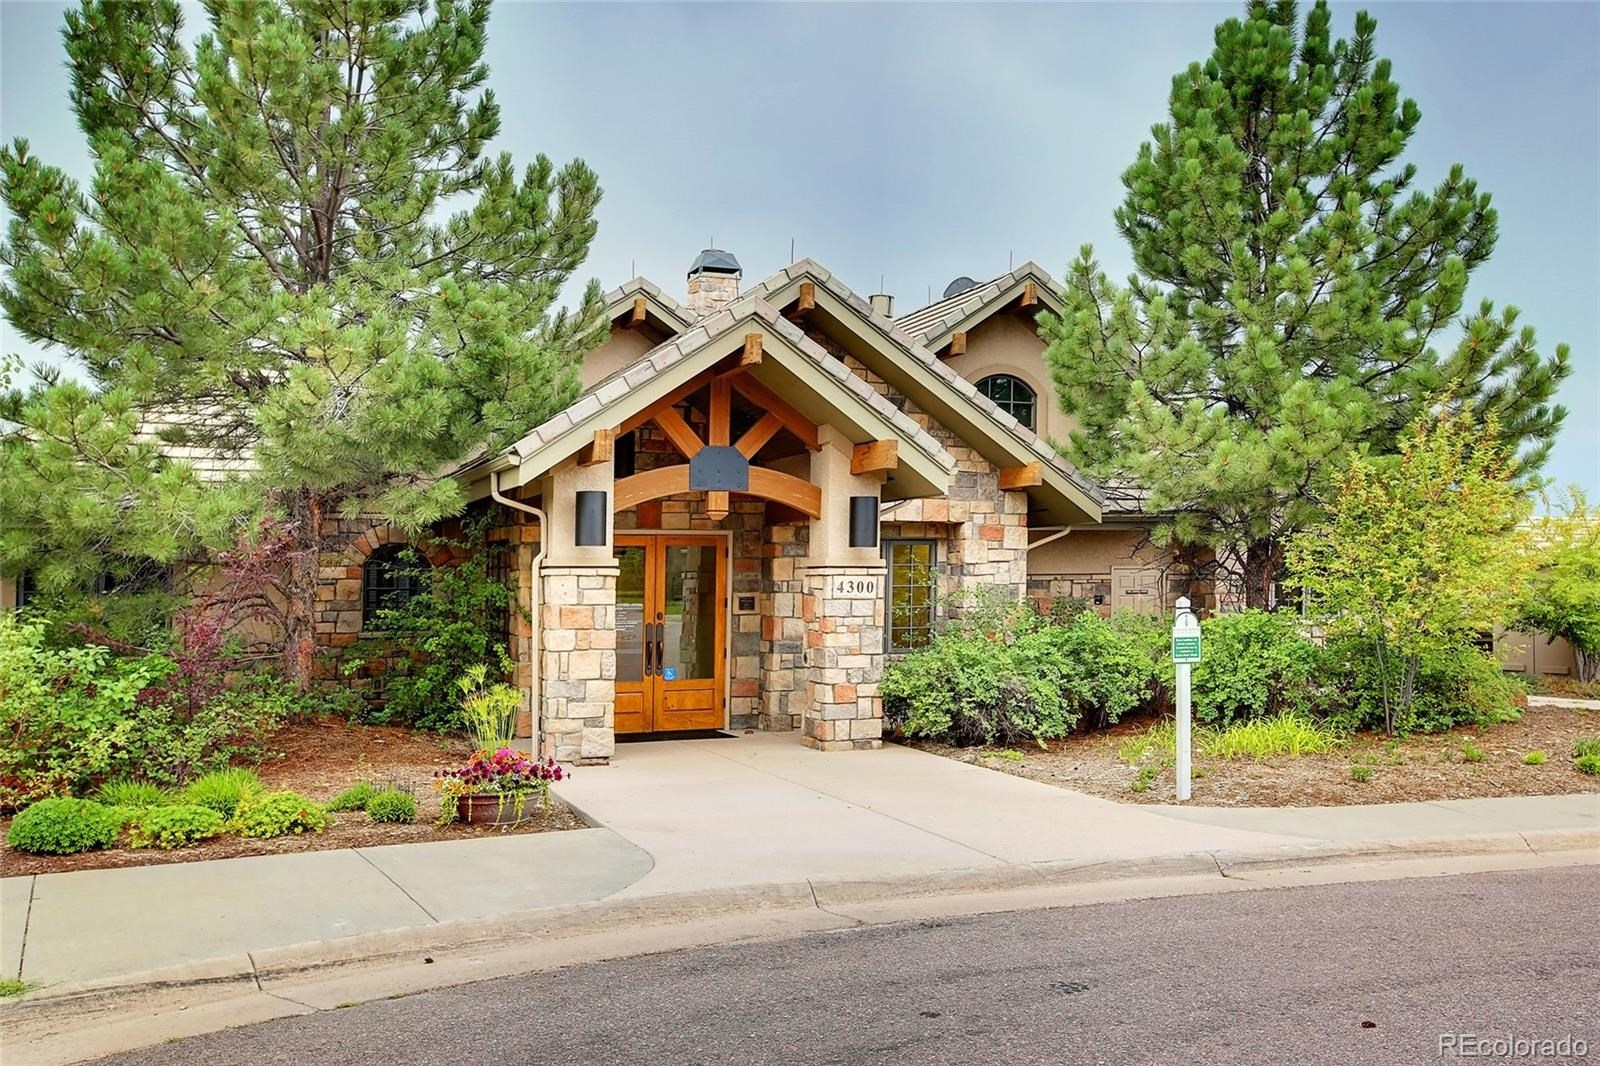 MLS# 3450406 - 19 - 6713 Handies Peak Court, Castle Rock, CO 80108